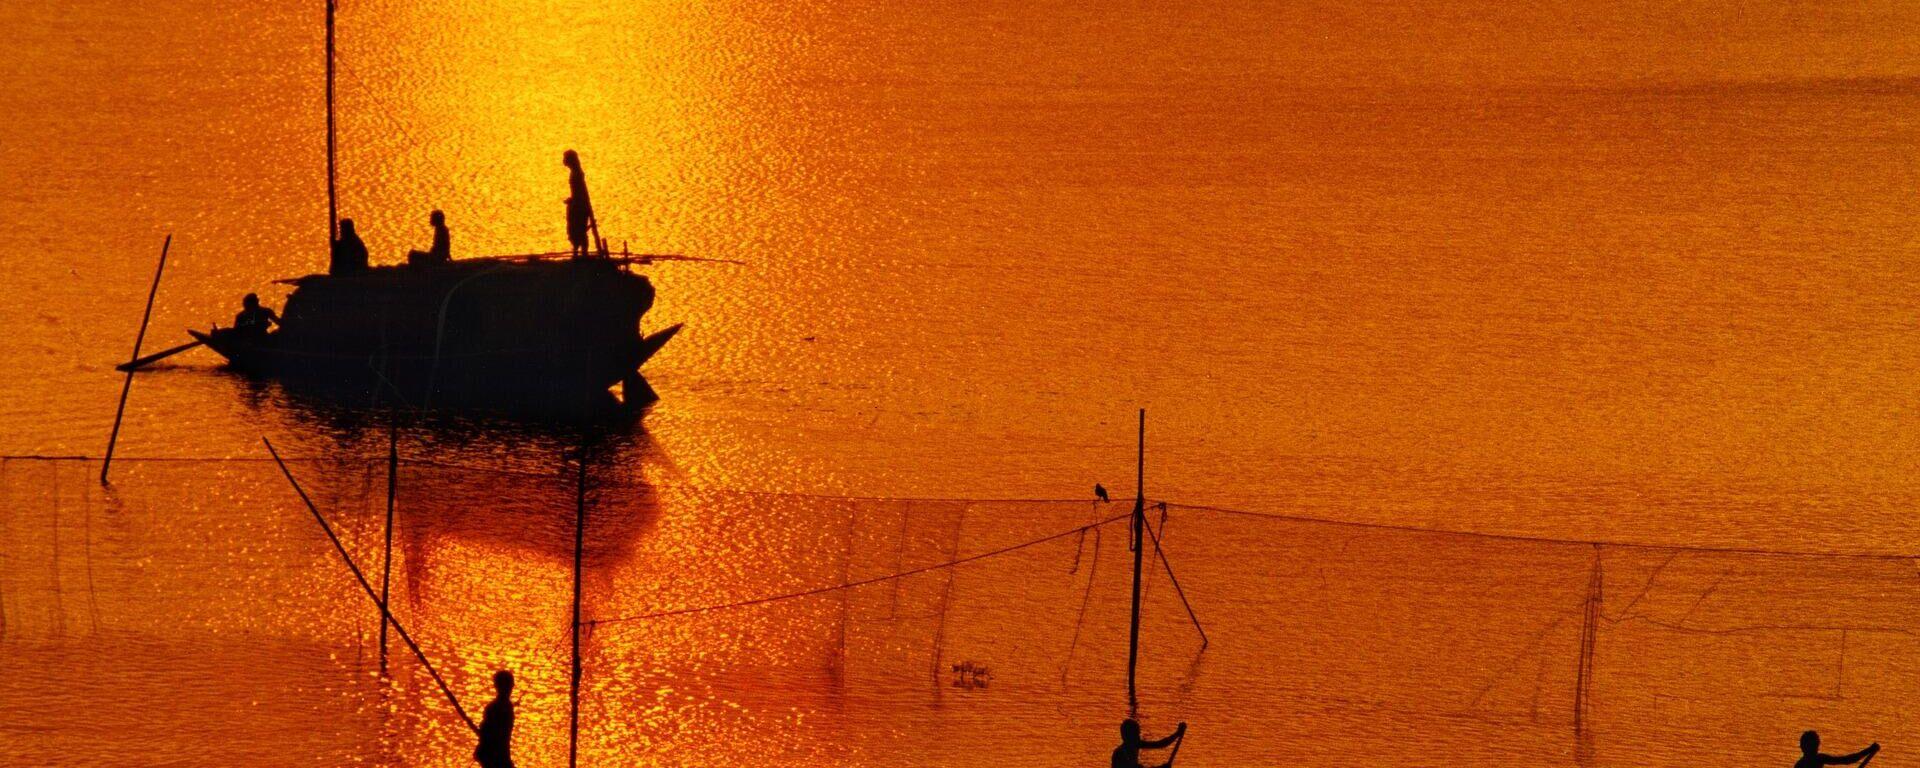 Ein Fluss in Bangladesch (Symbolbild) - SNA, 1920, 19.12.2020